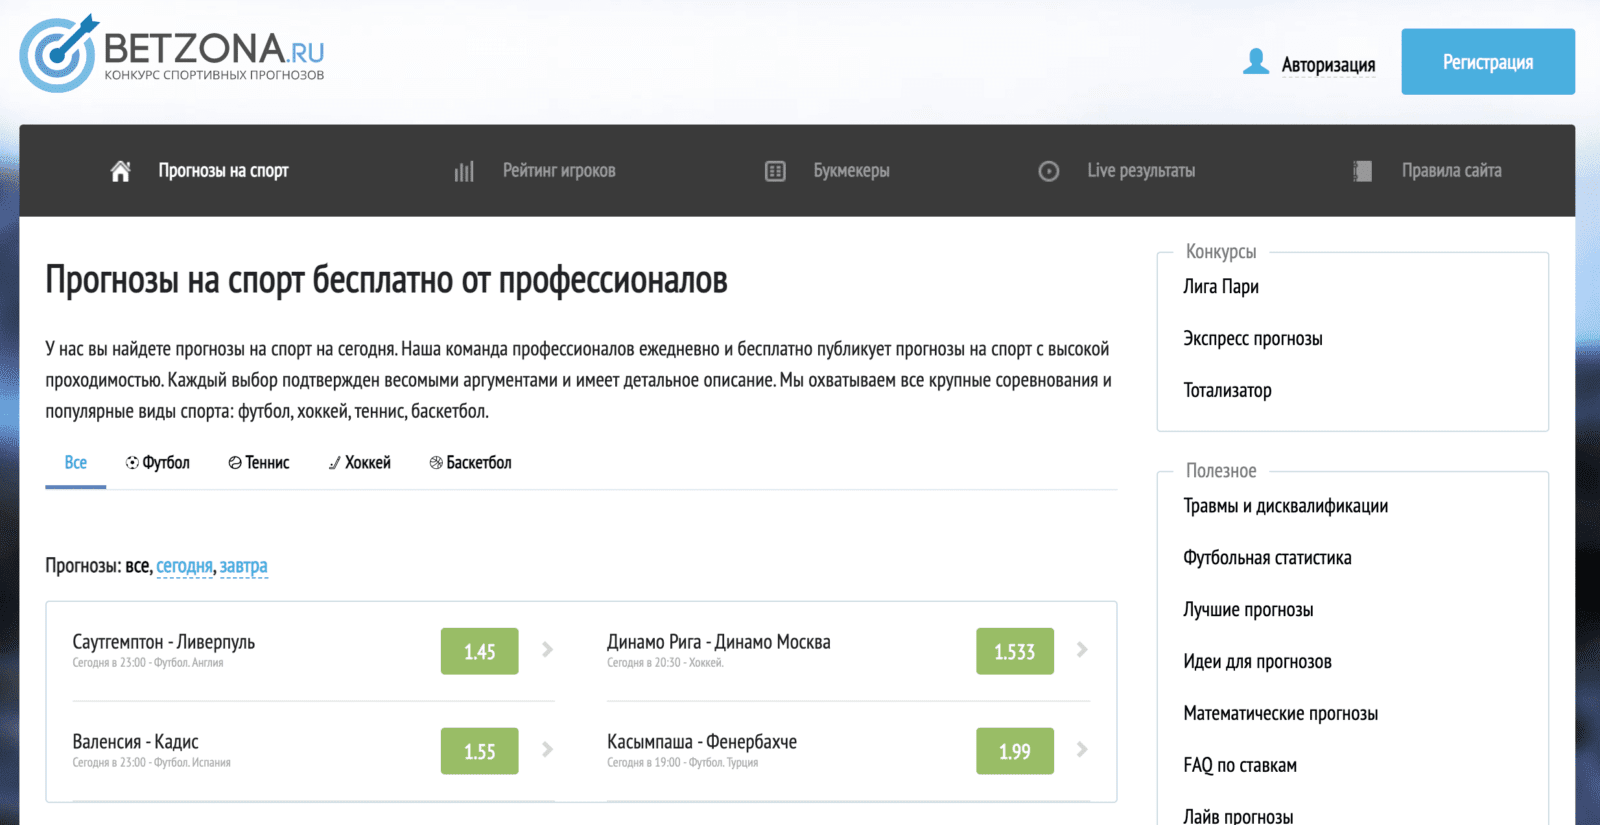 Главная страница сайта Betzona.ru (Бетзона ру)